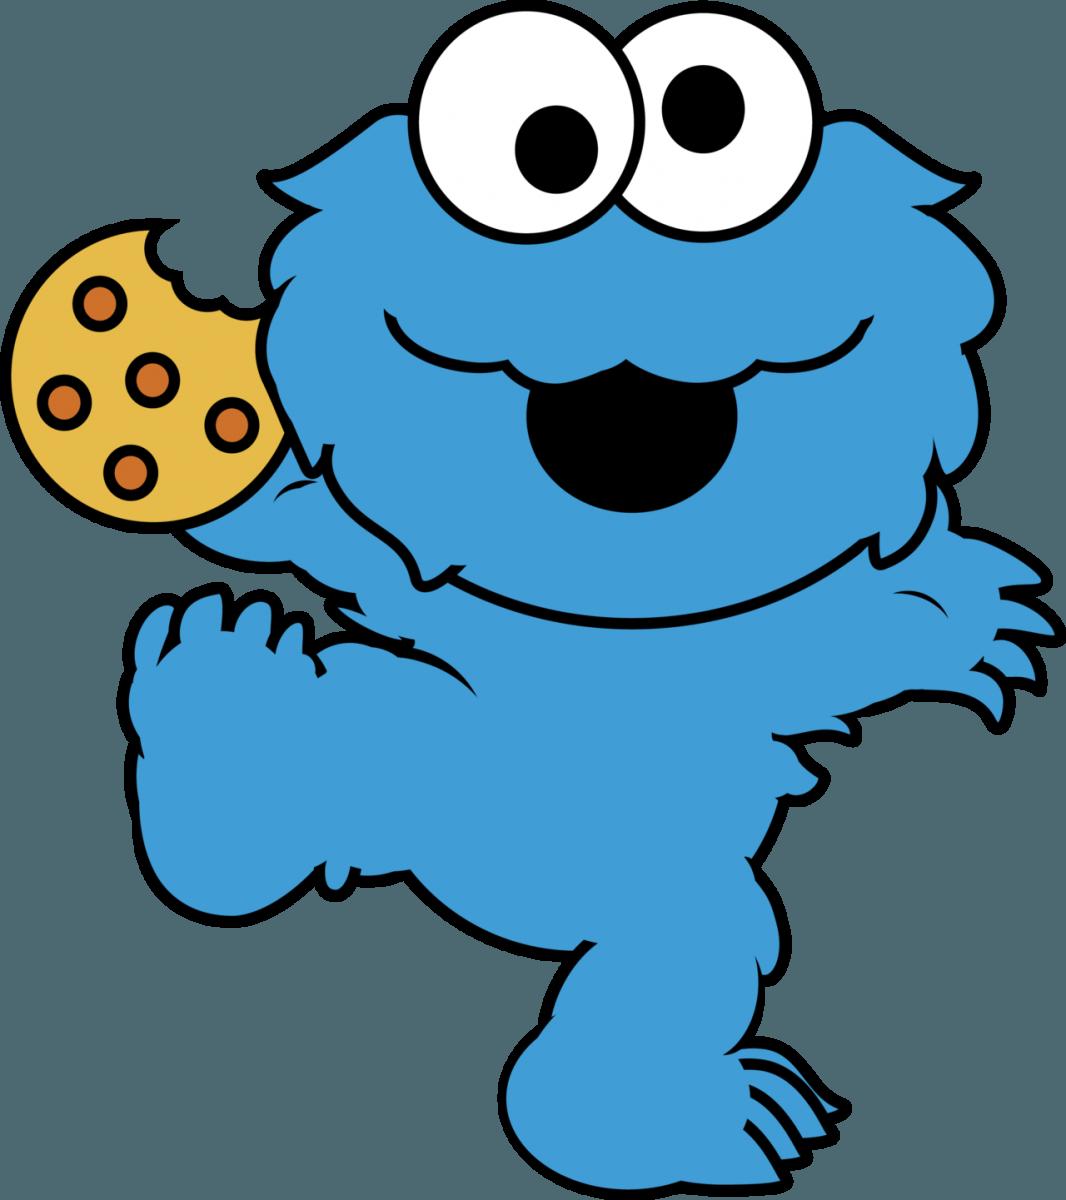 Baby Cookie Monster Eating Cookies Cartoon